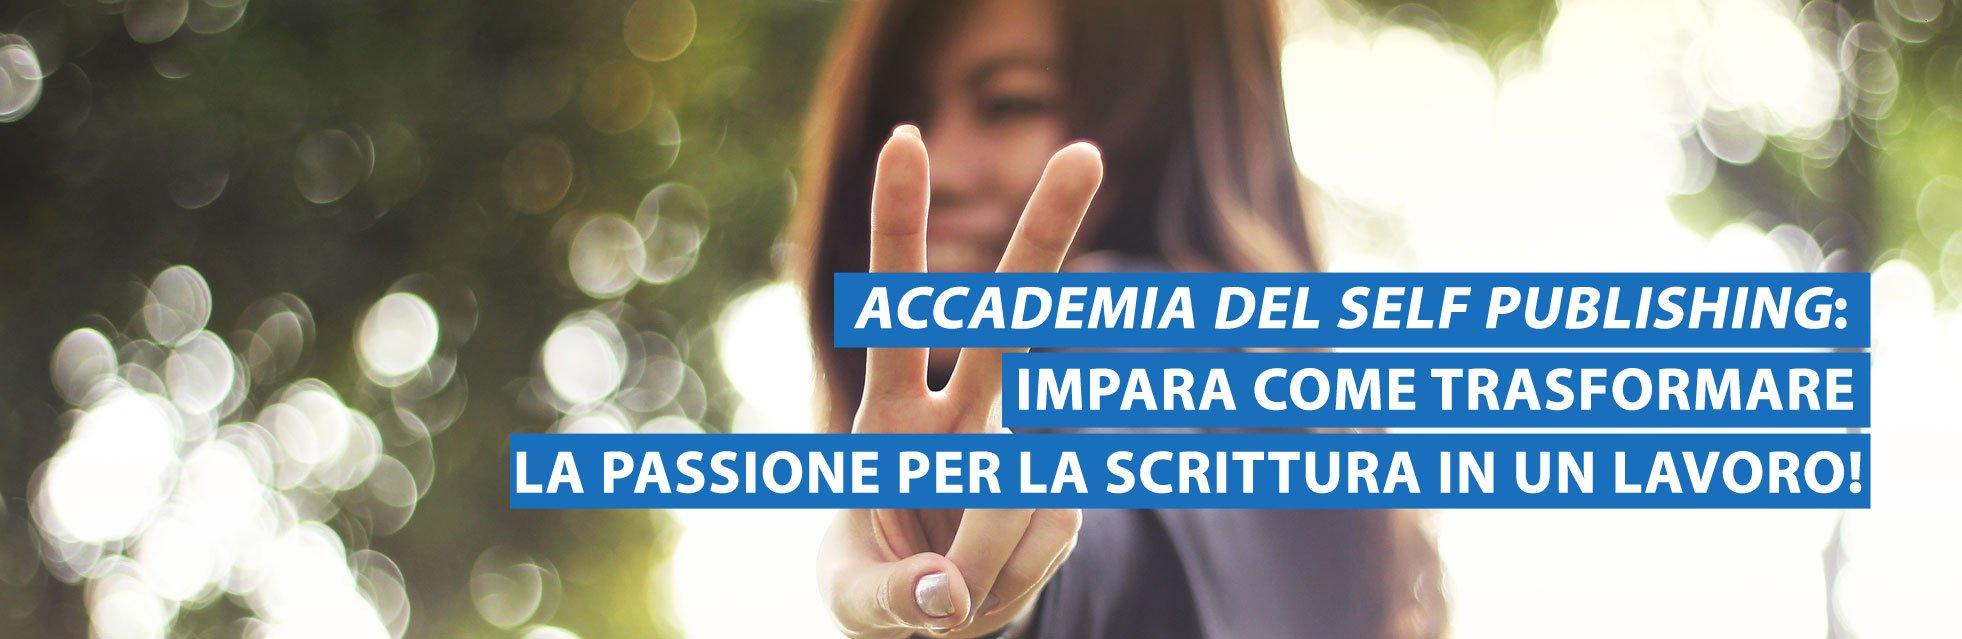 accademia-self-publishing-scuola-scrittura-online